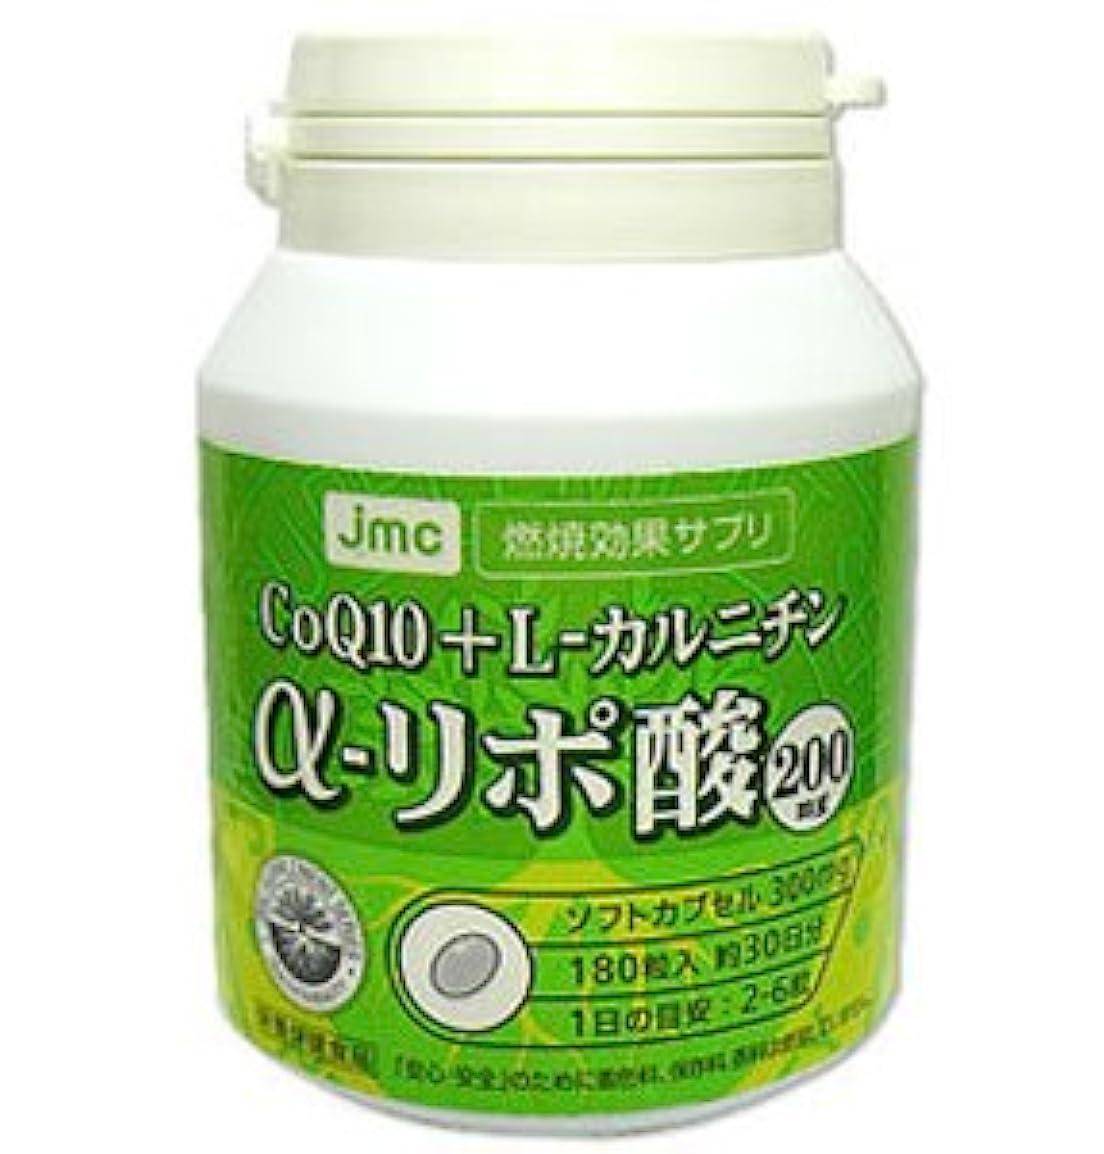 アナログ枯渇インペリアルα-リポ酸200mg(αリポ酸、COQ10、L-カルニチン、共役リノール酸配合ダイエットサプリ)